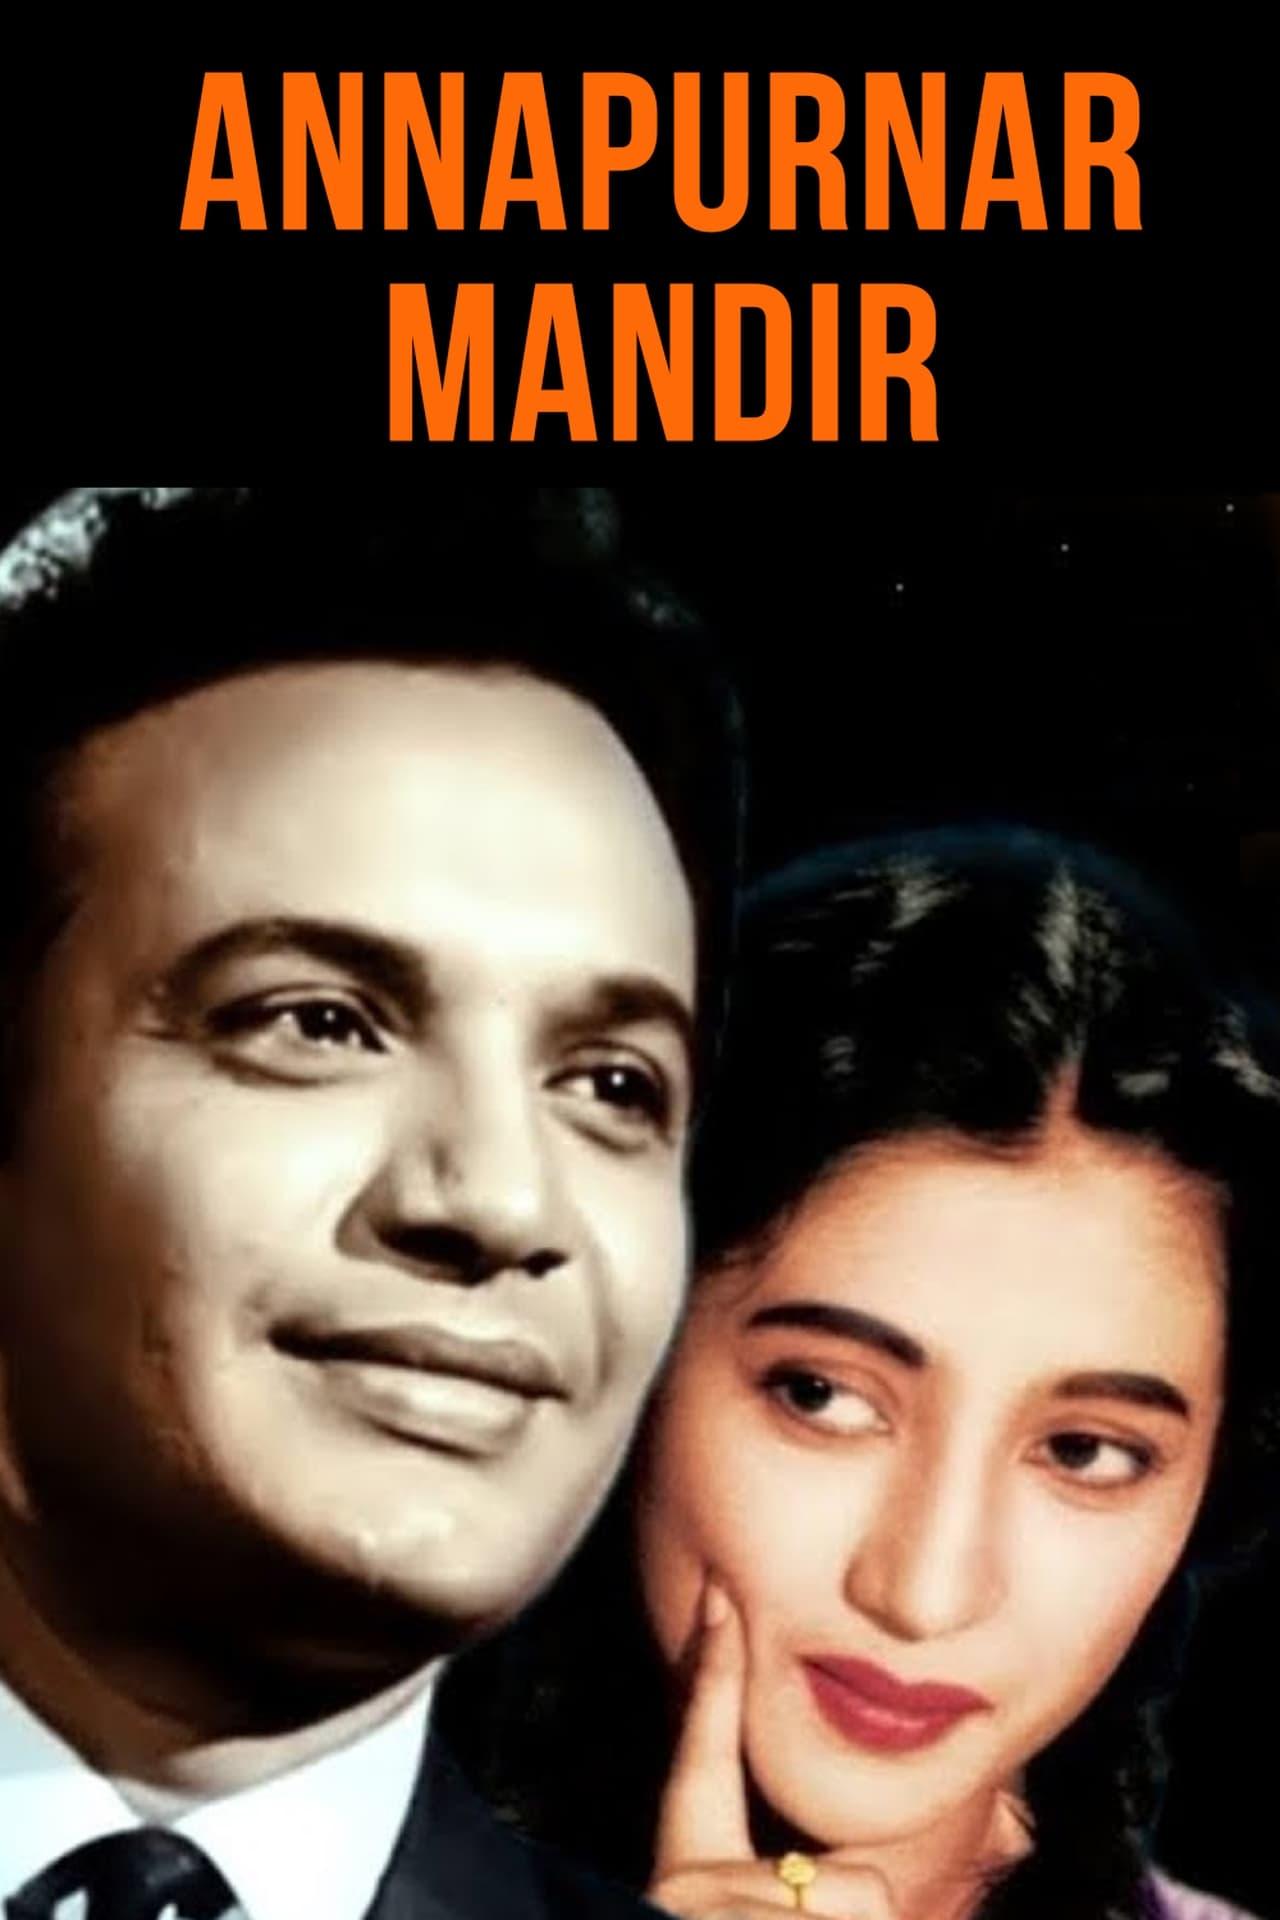 Annapurnar Mandir